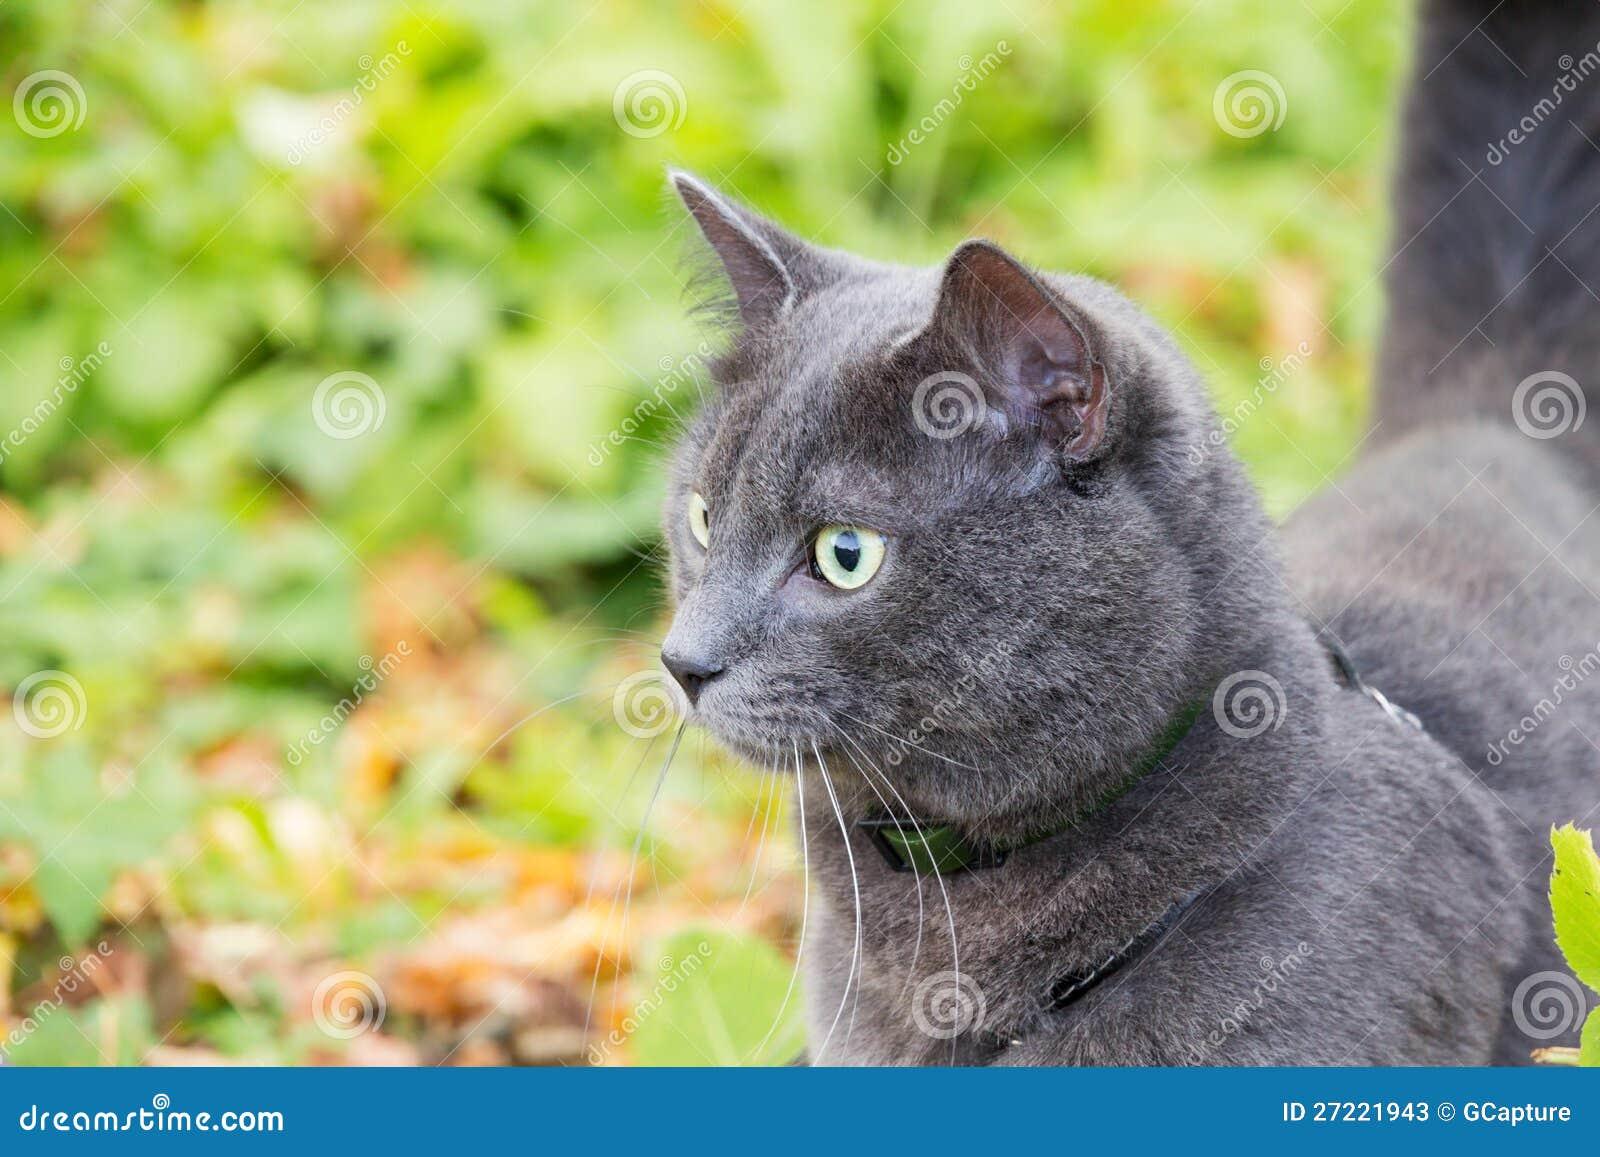 fus ro nyan cat